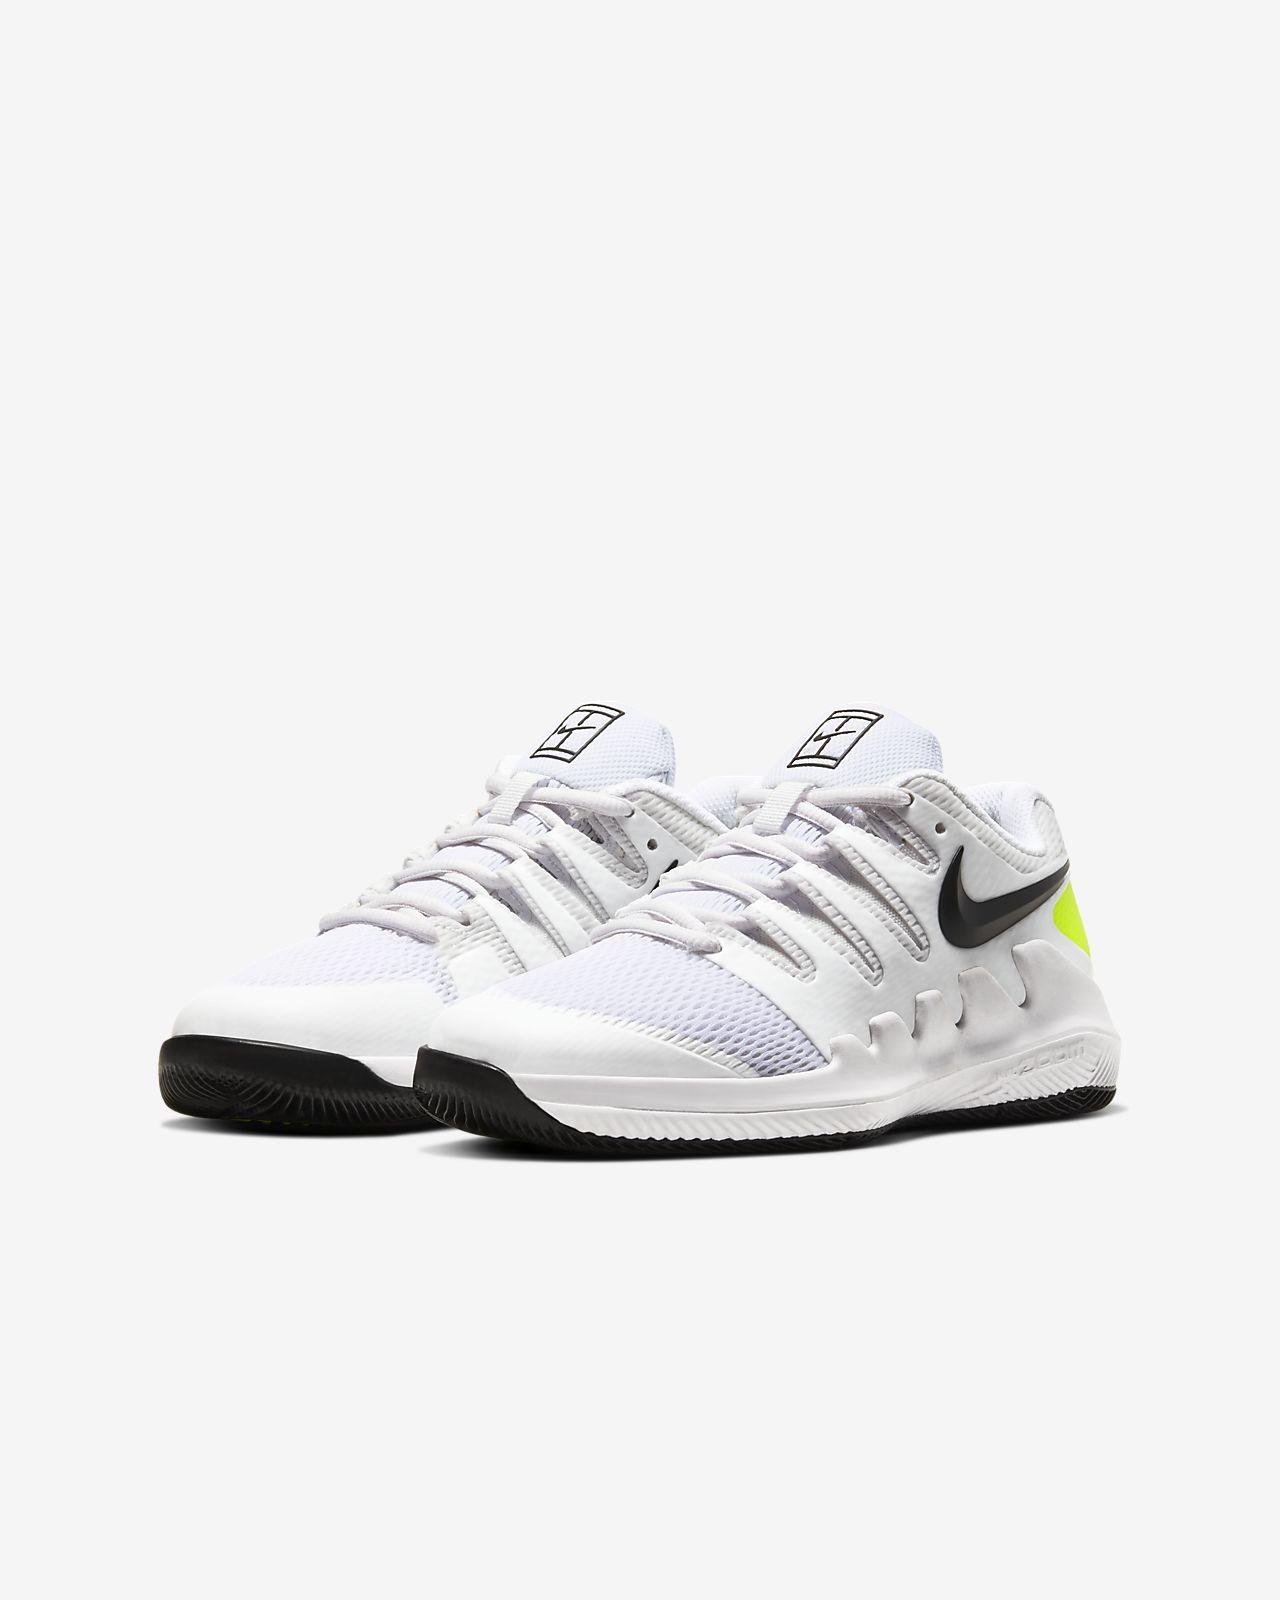 NikeCourt Jr. Vapor X tennissko til småstore børn